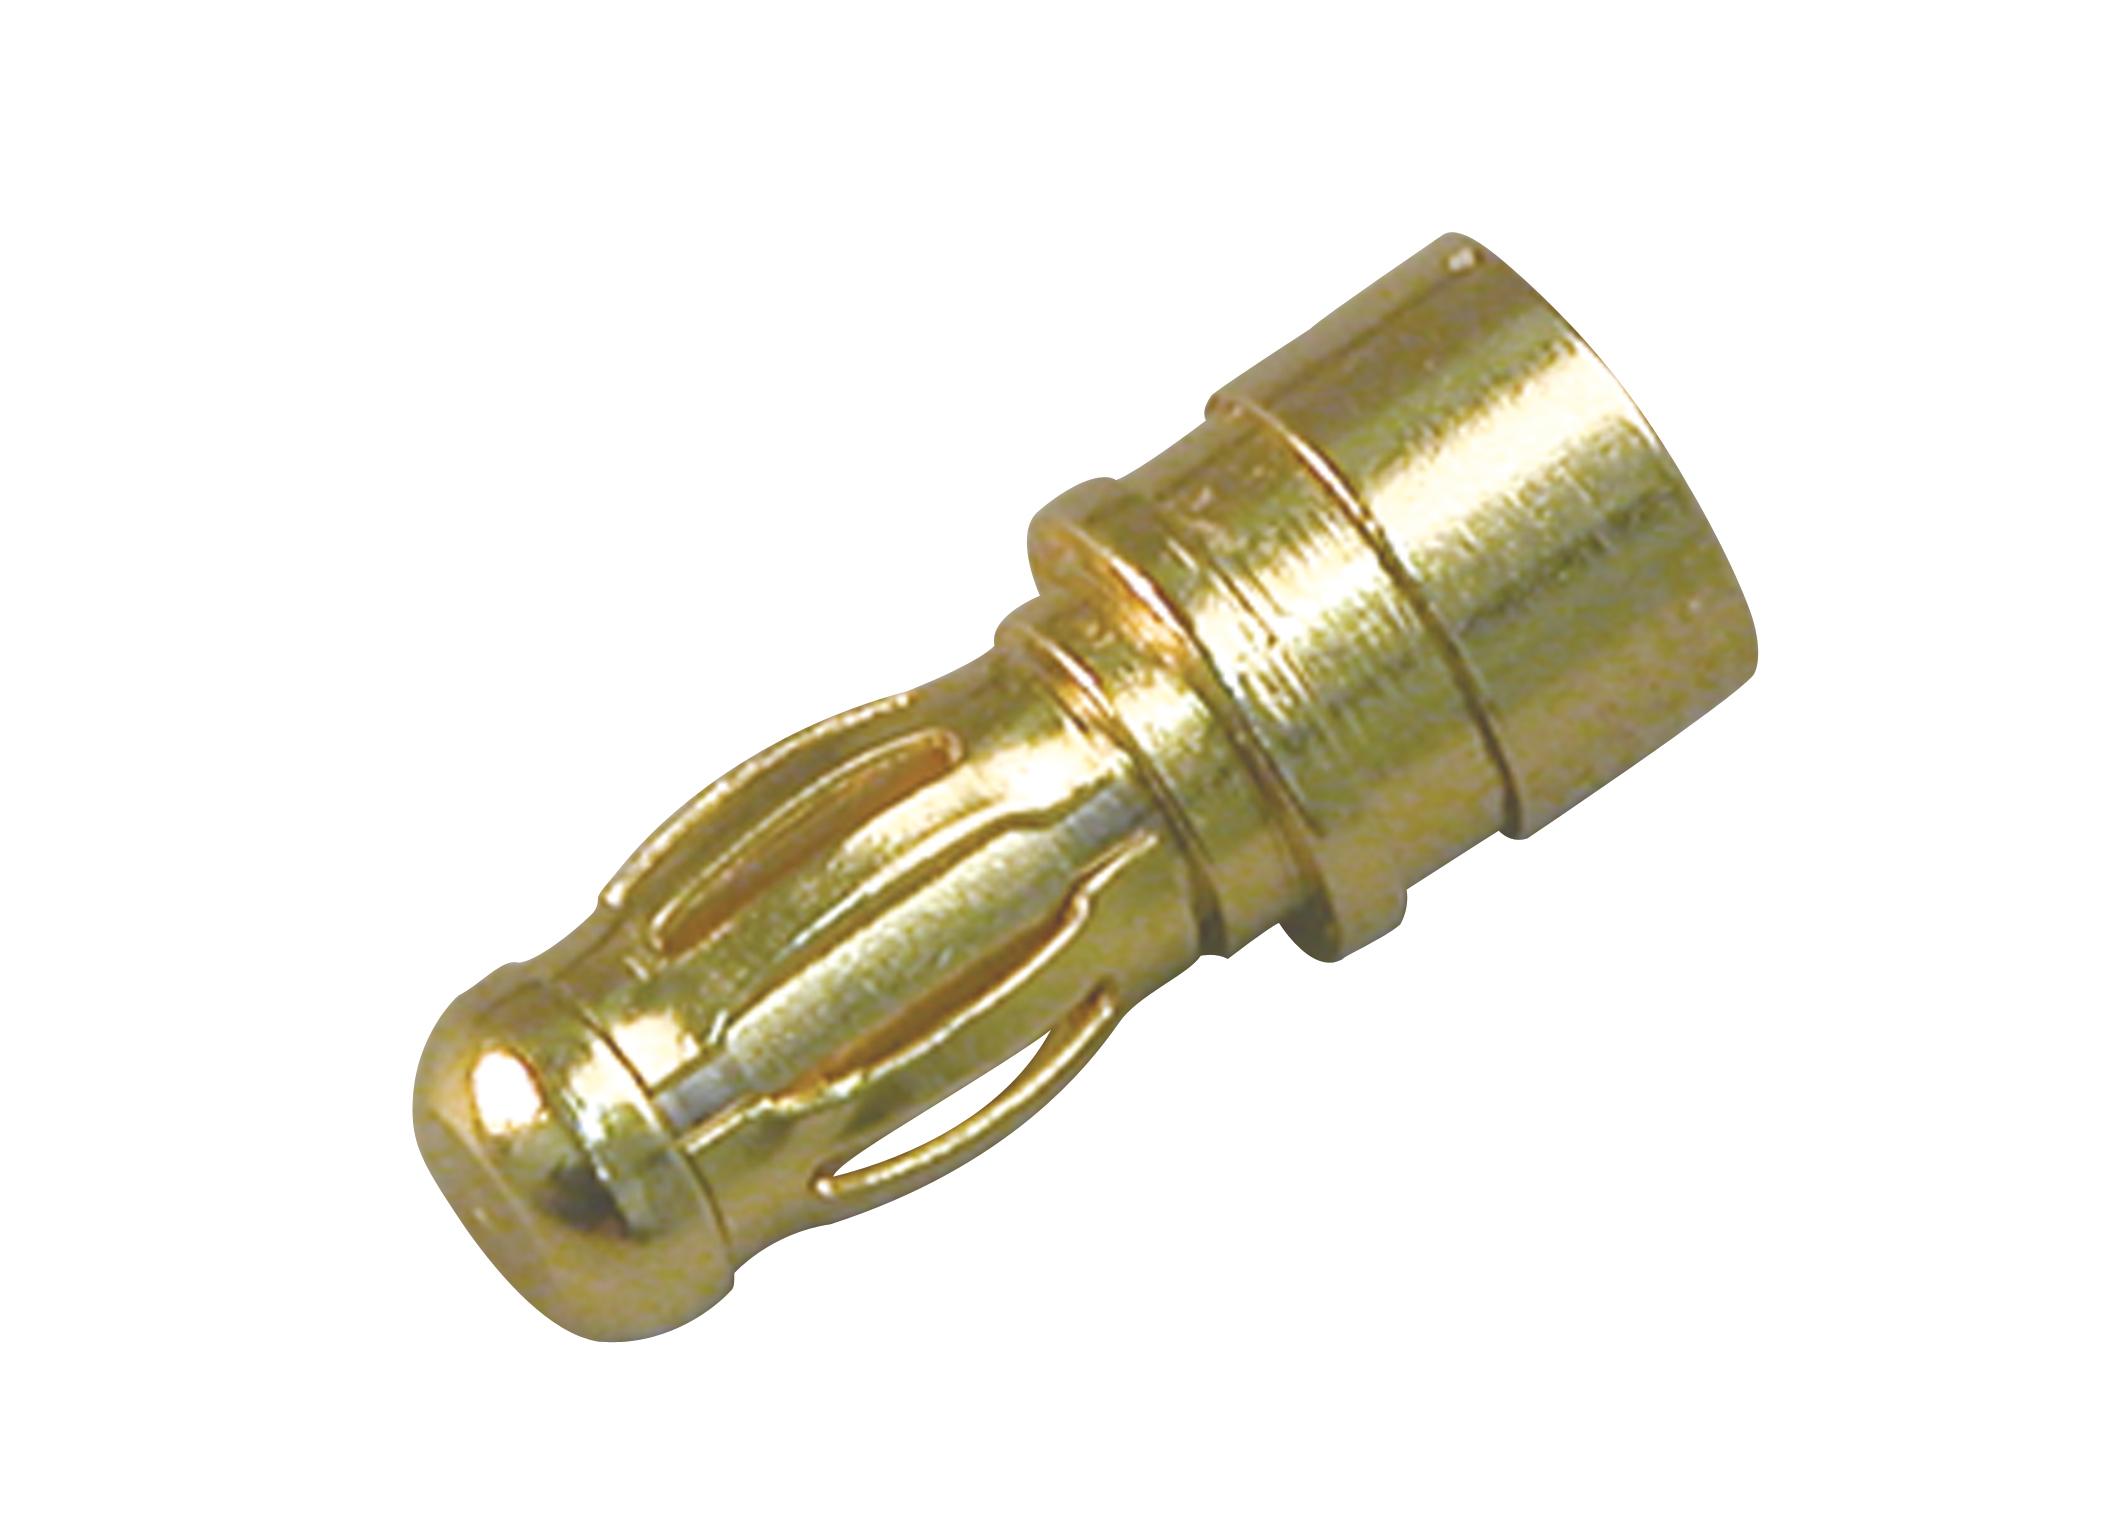 Multiplex 3,5mm Stecker (Gold) 3St.